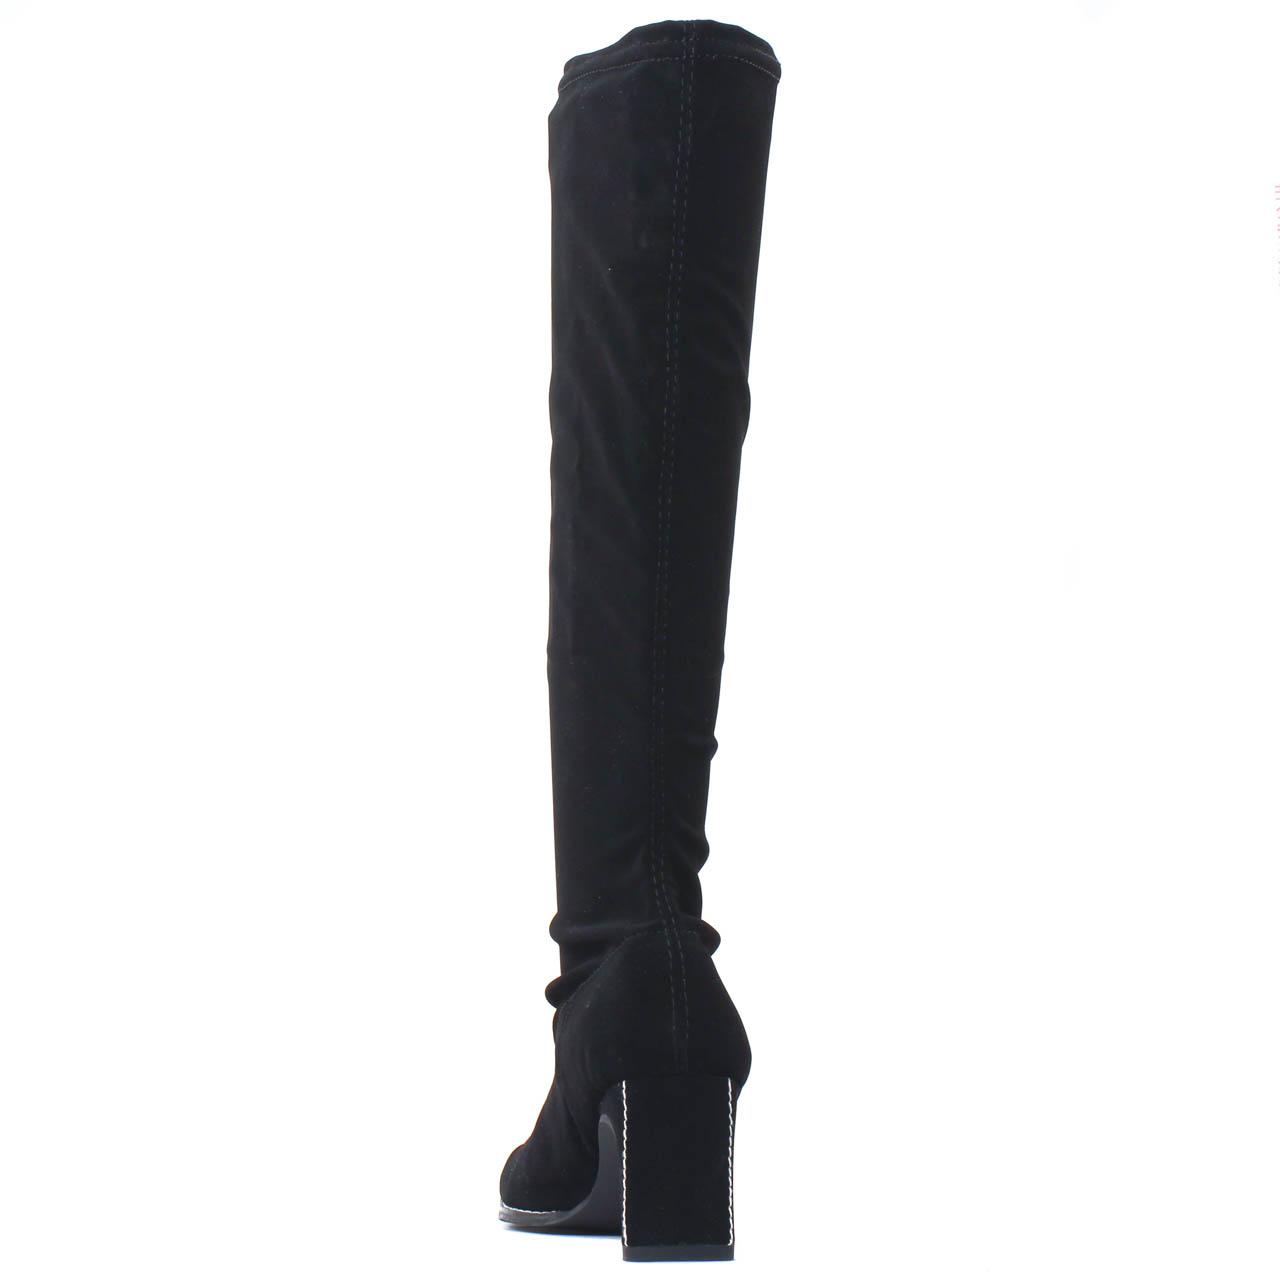 bottes stretch noir mode femme automne hiver vue 7